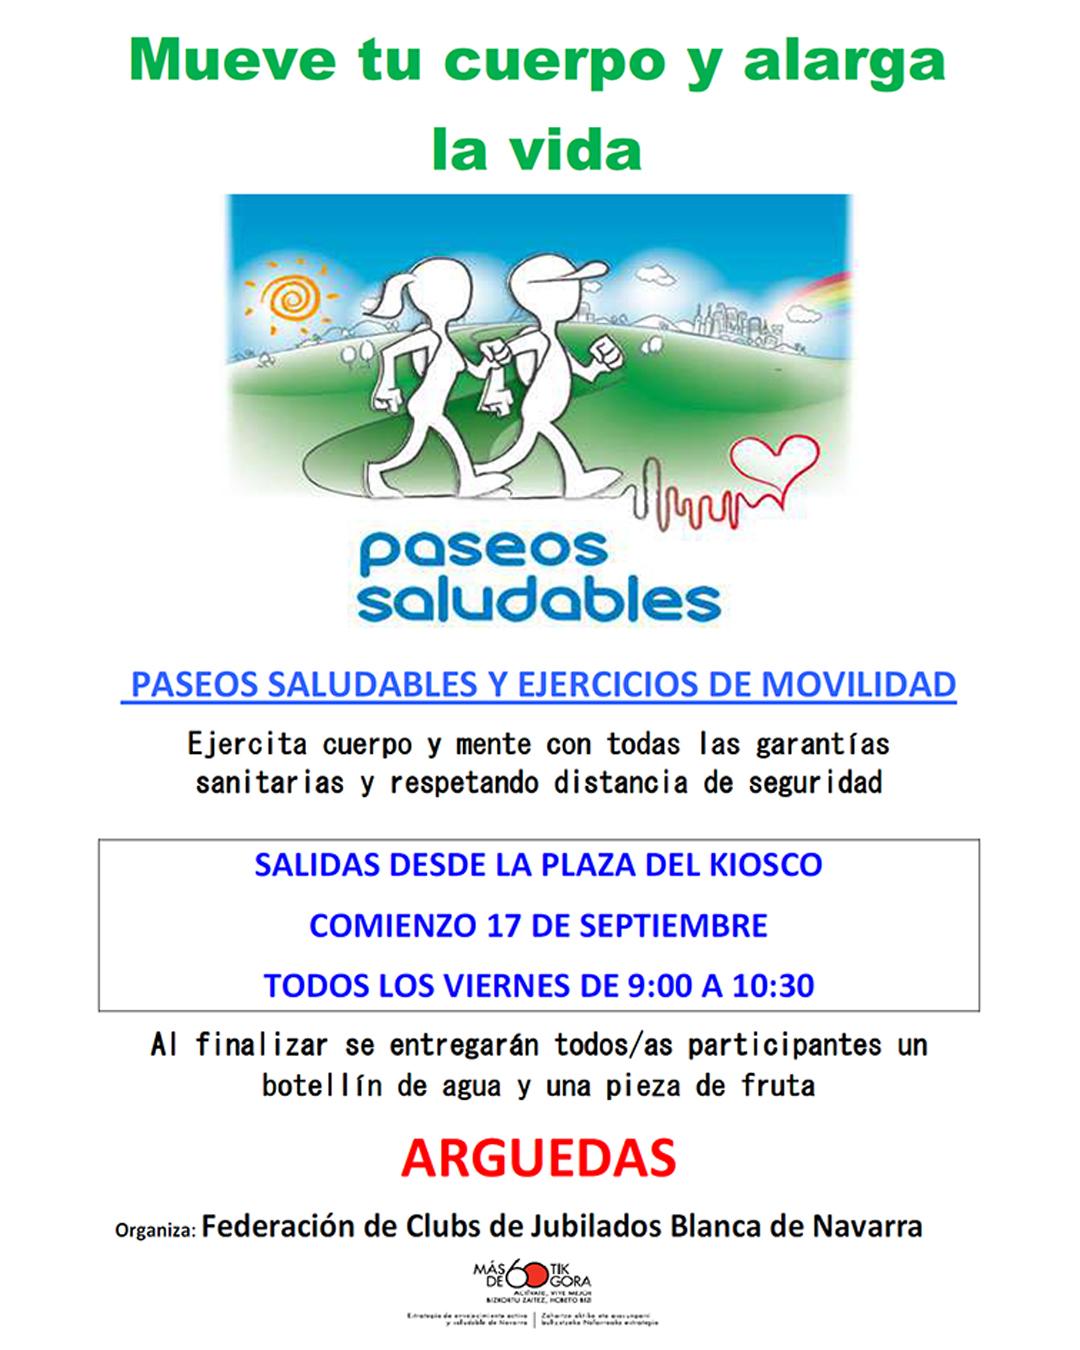 PASEOS-SALUDABLES-ARGUEDAS-WEB-2021